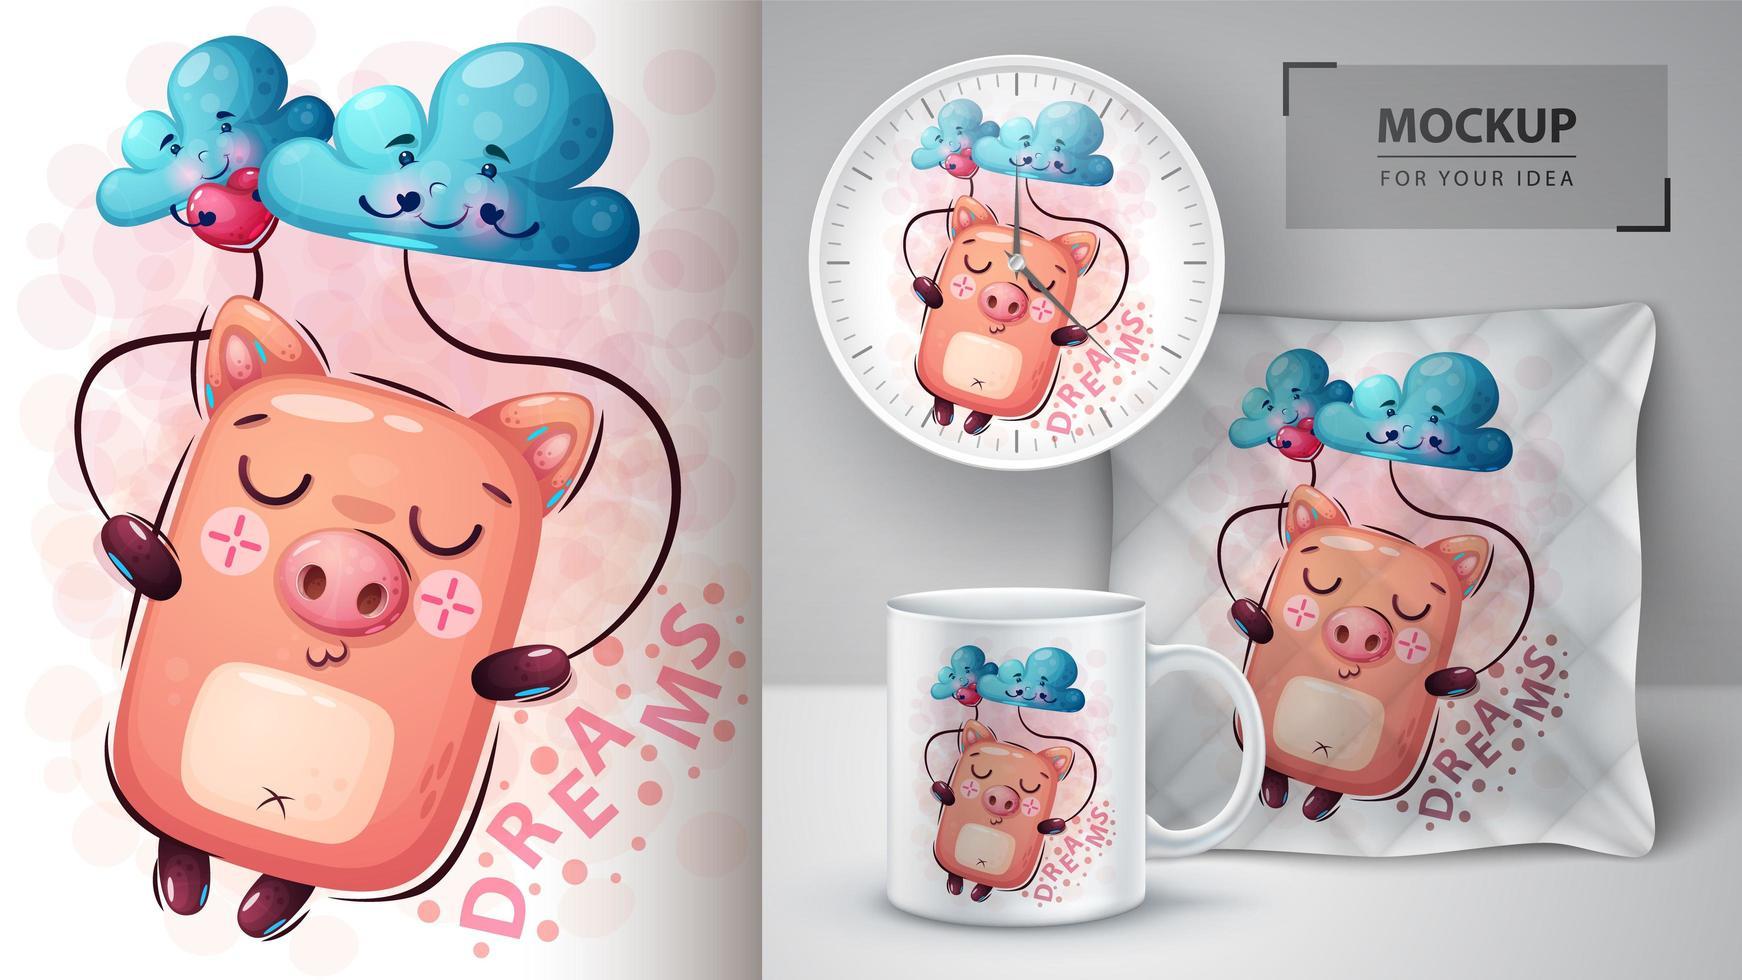 projeto de sonhos de porco dos desenhos animados vetor